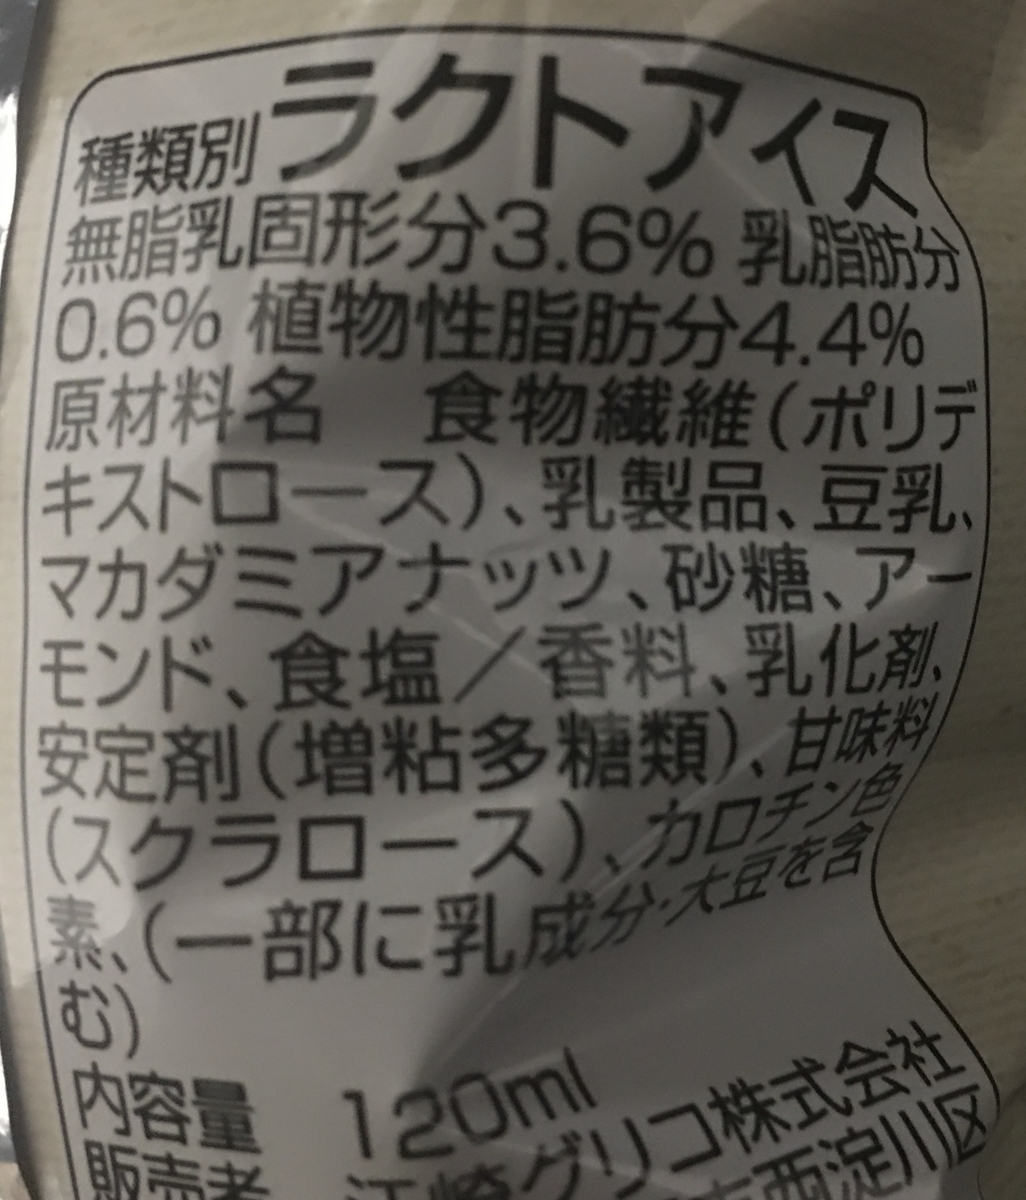 f:id:YOSHIO1010:20200413045706j:plain